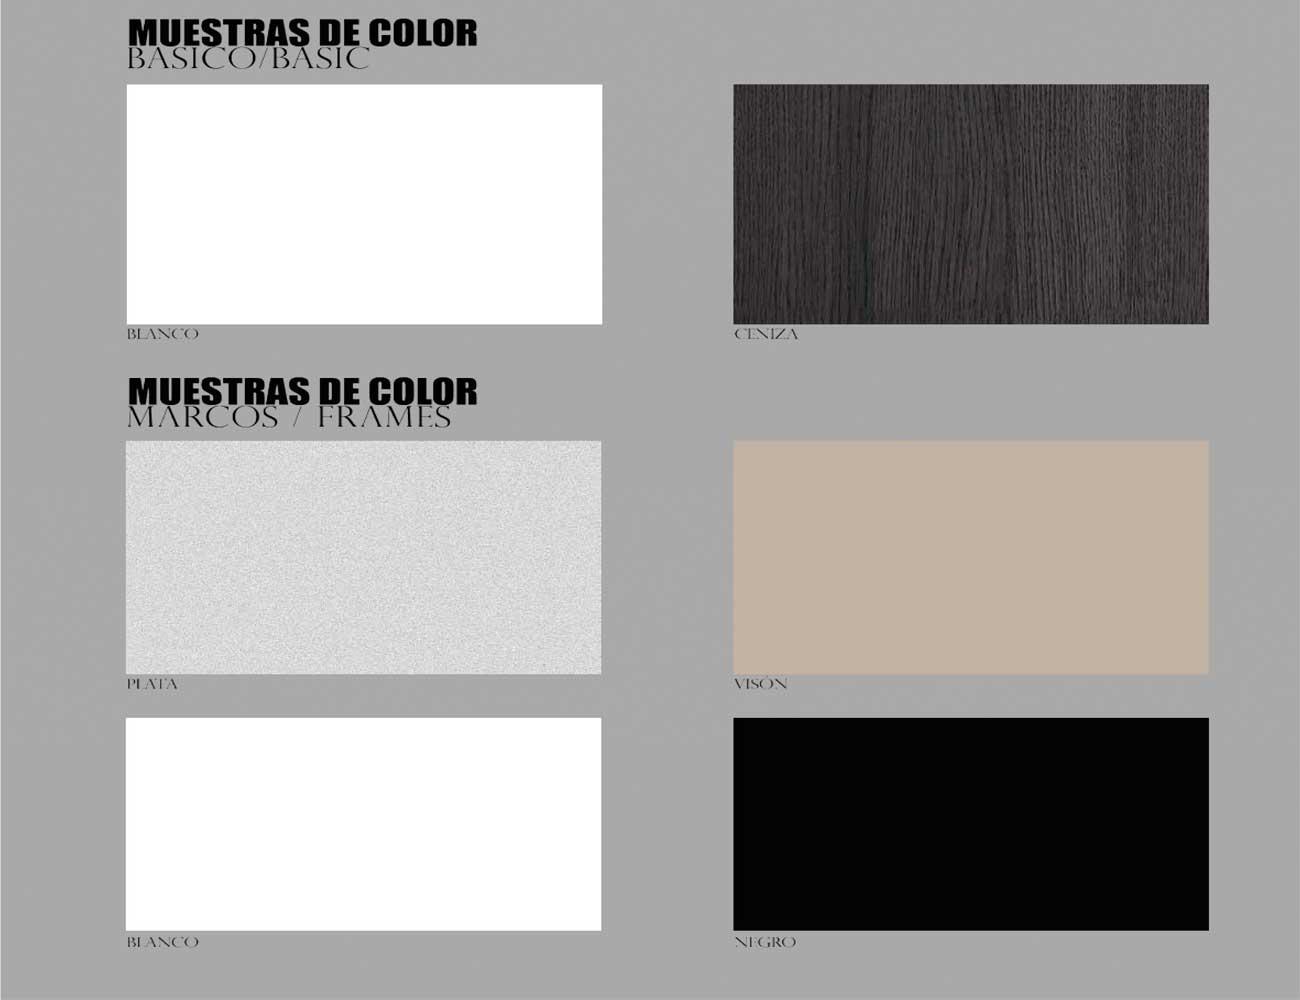 Colores tecnico7